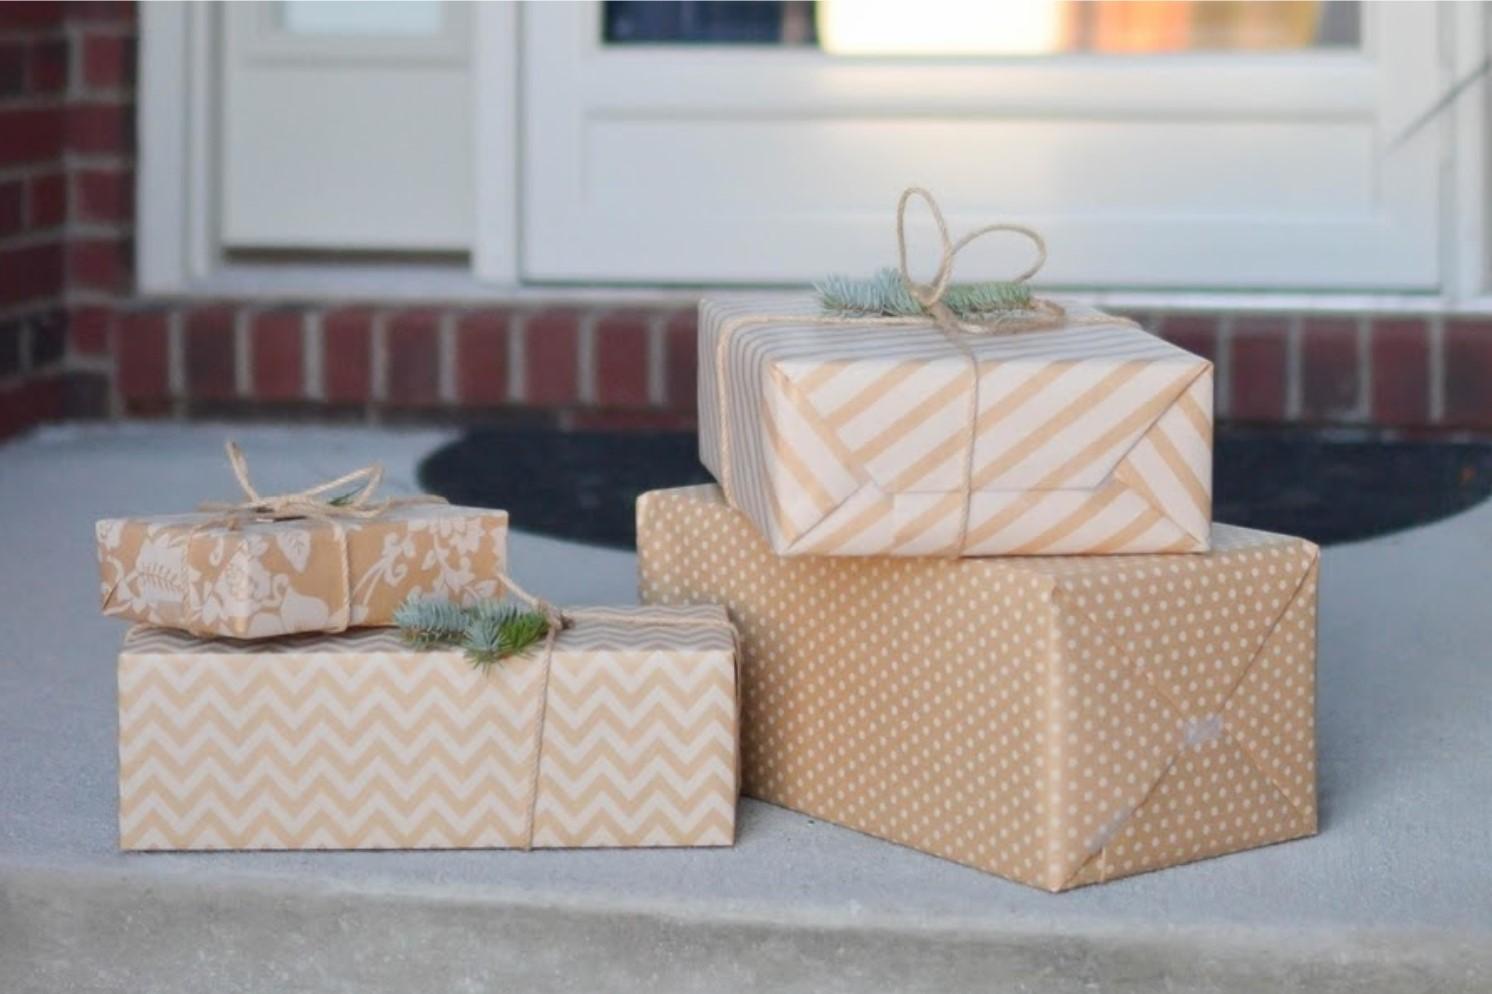 packages at door